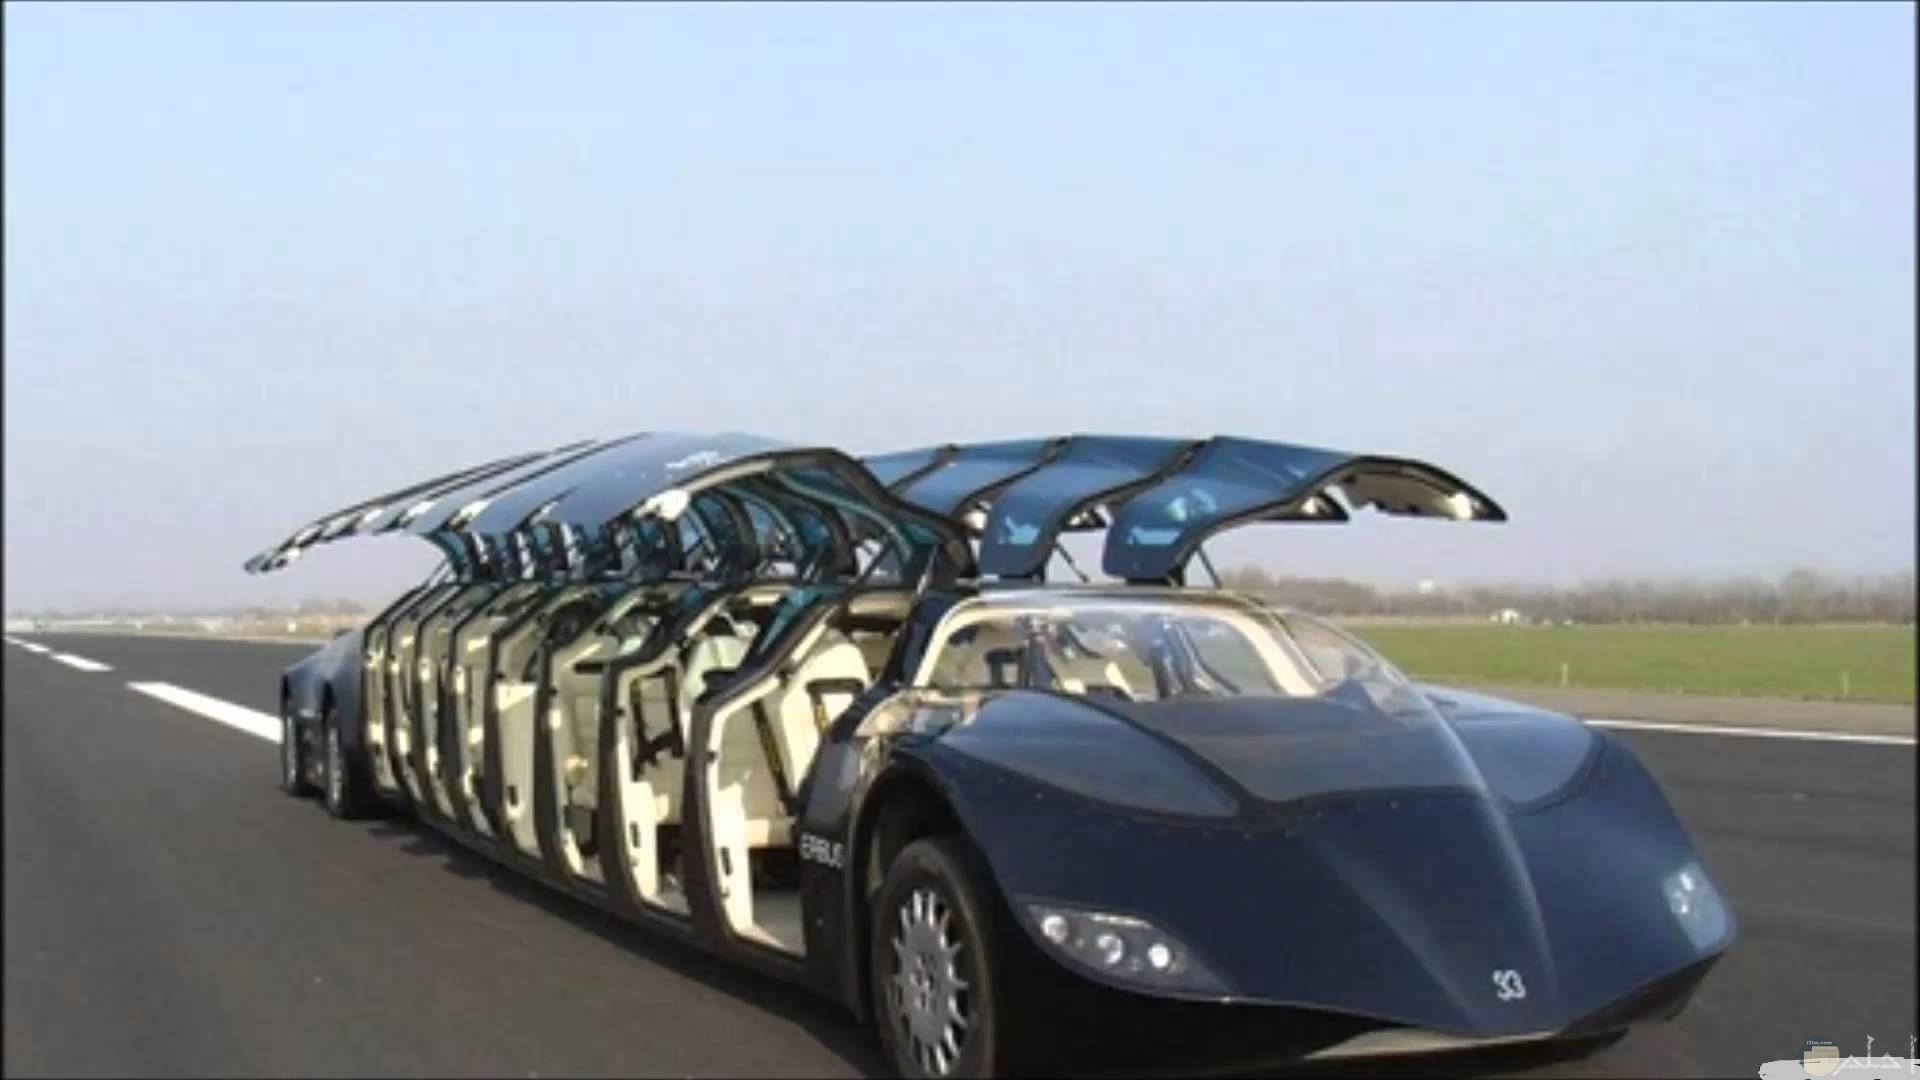 سيارة غريبة بأبواب متعددة.